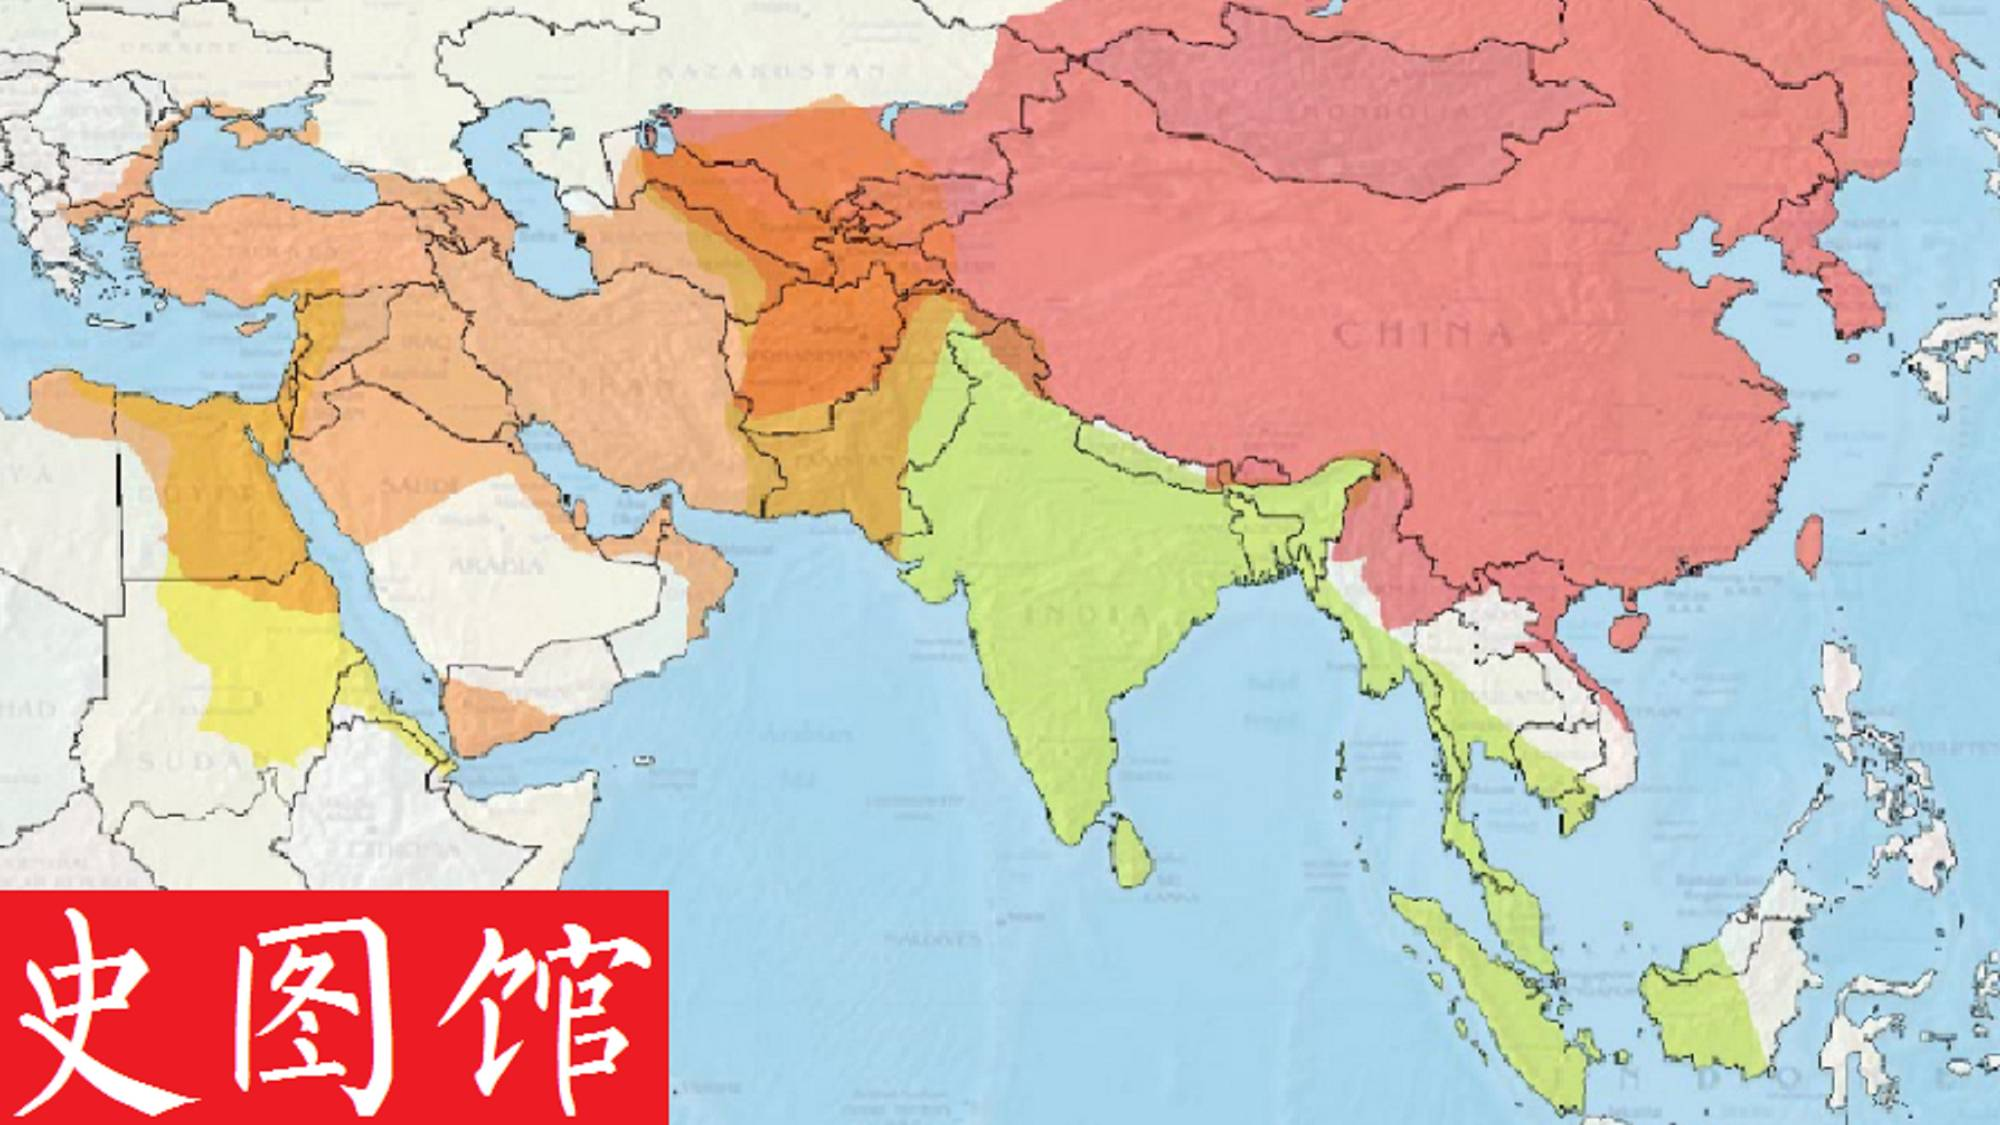 【史图馆】四大古文明历代极盛疆域